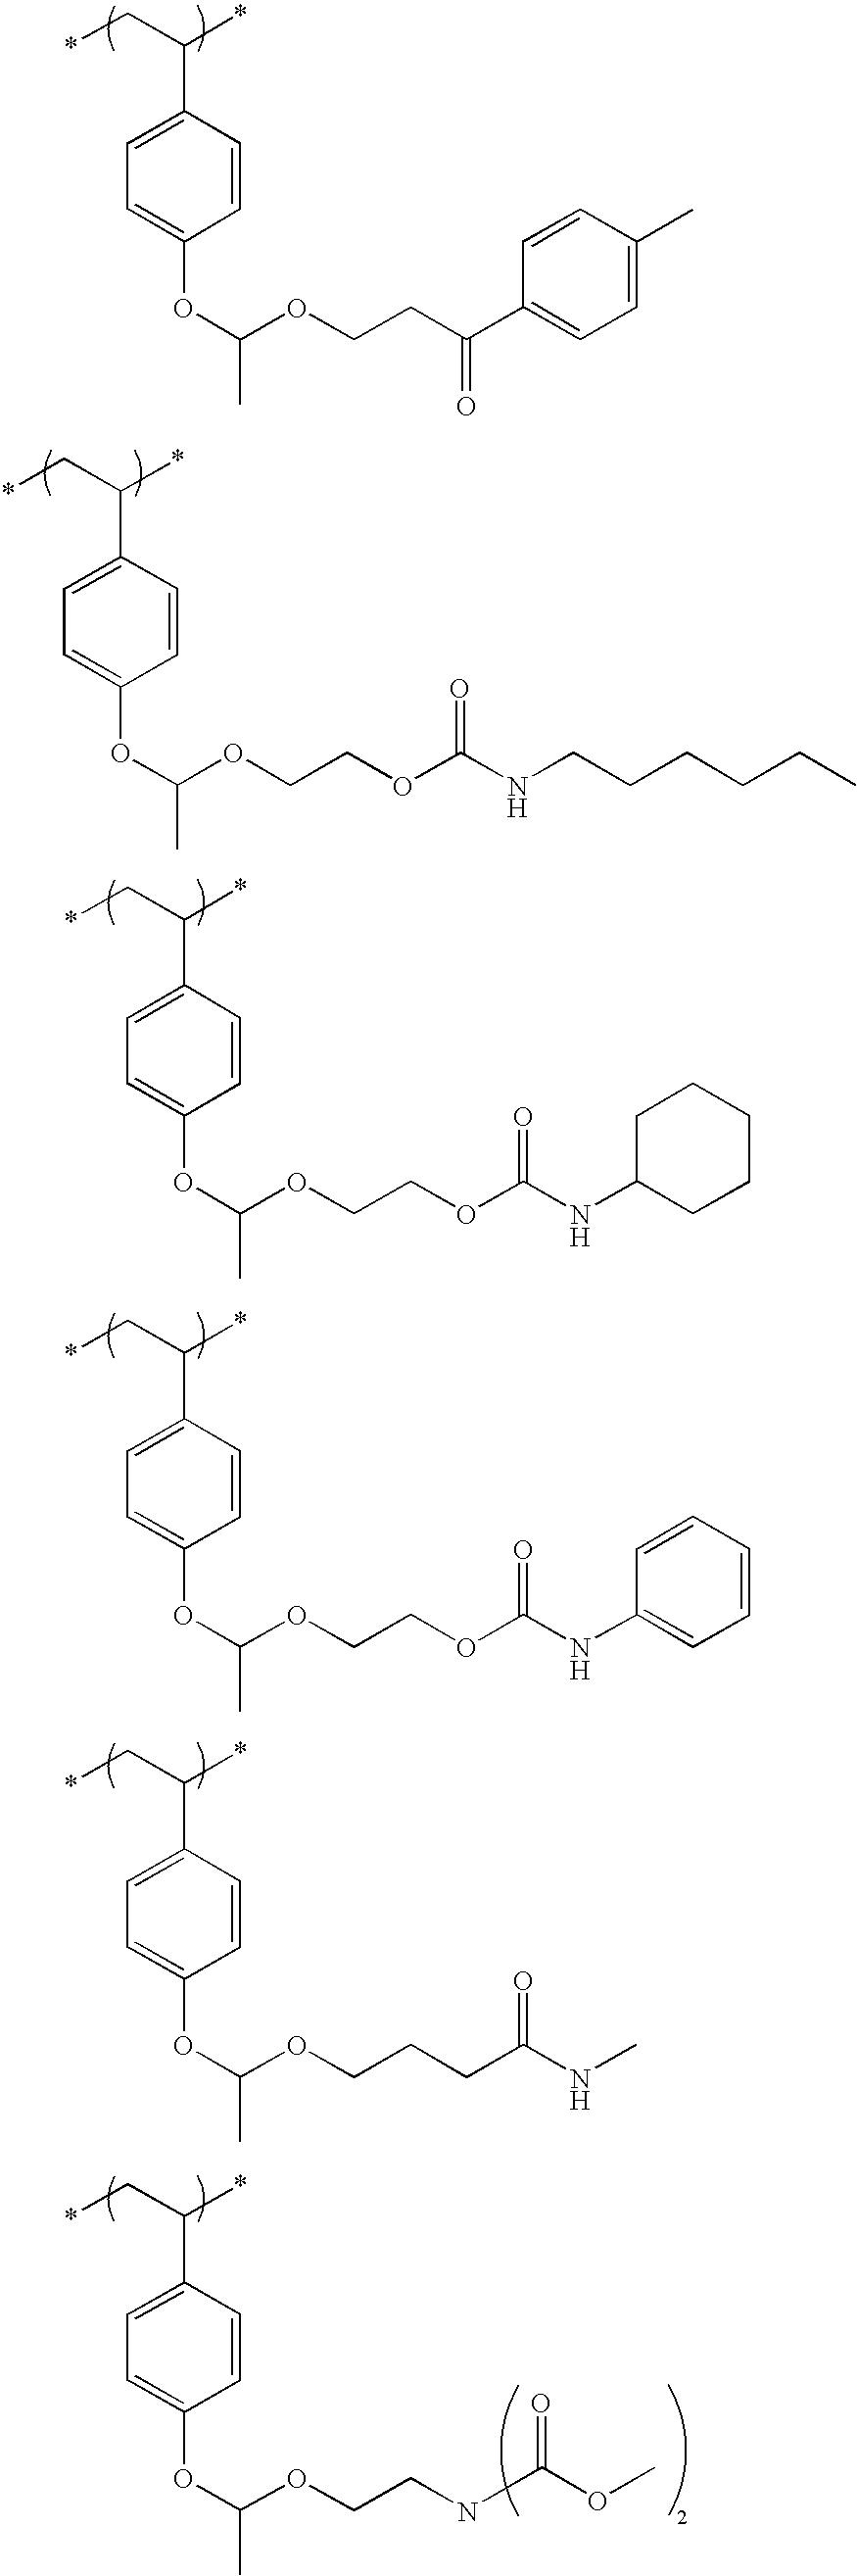 Figure US20100183975A1-20100722-C00092